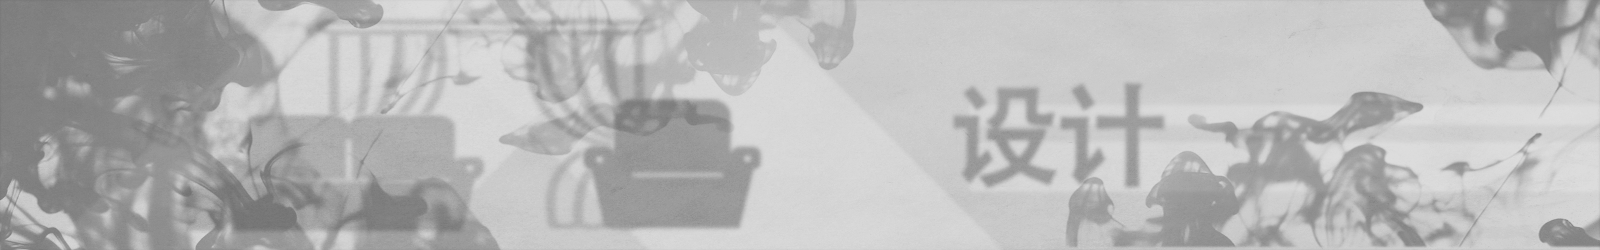 古驰——Alessandro Michele